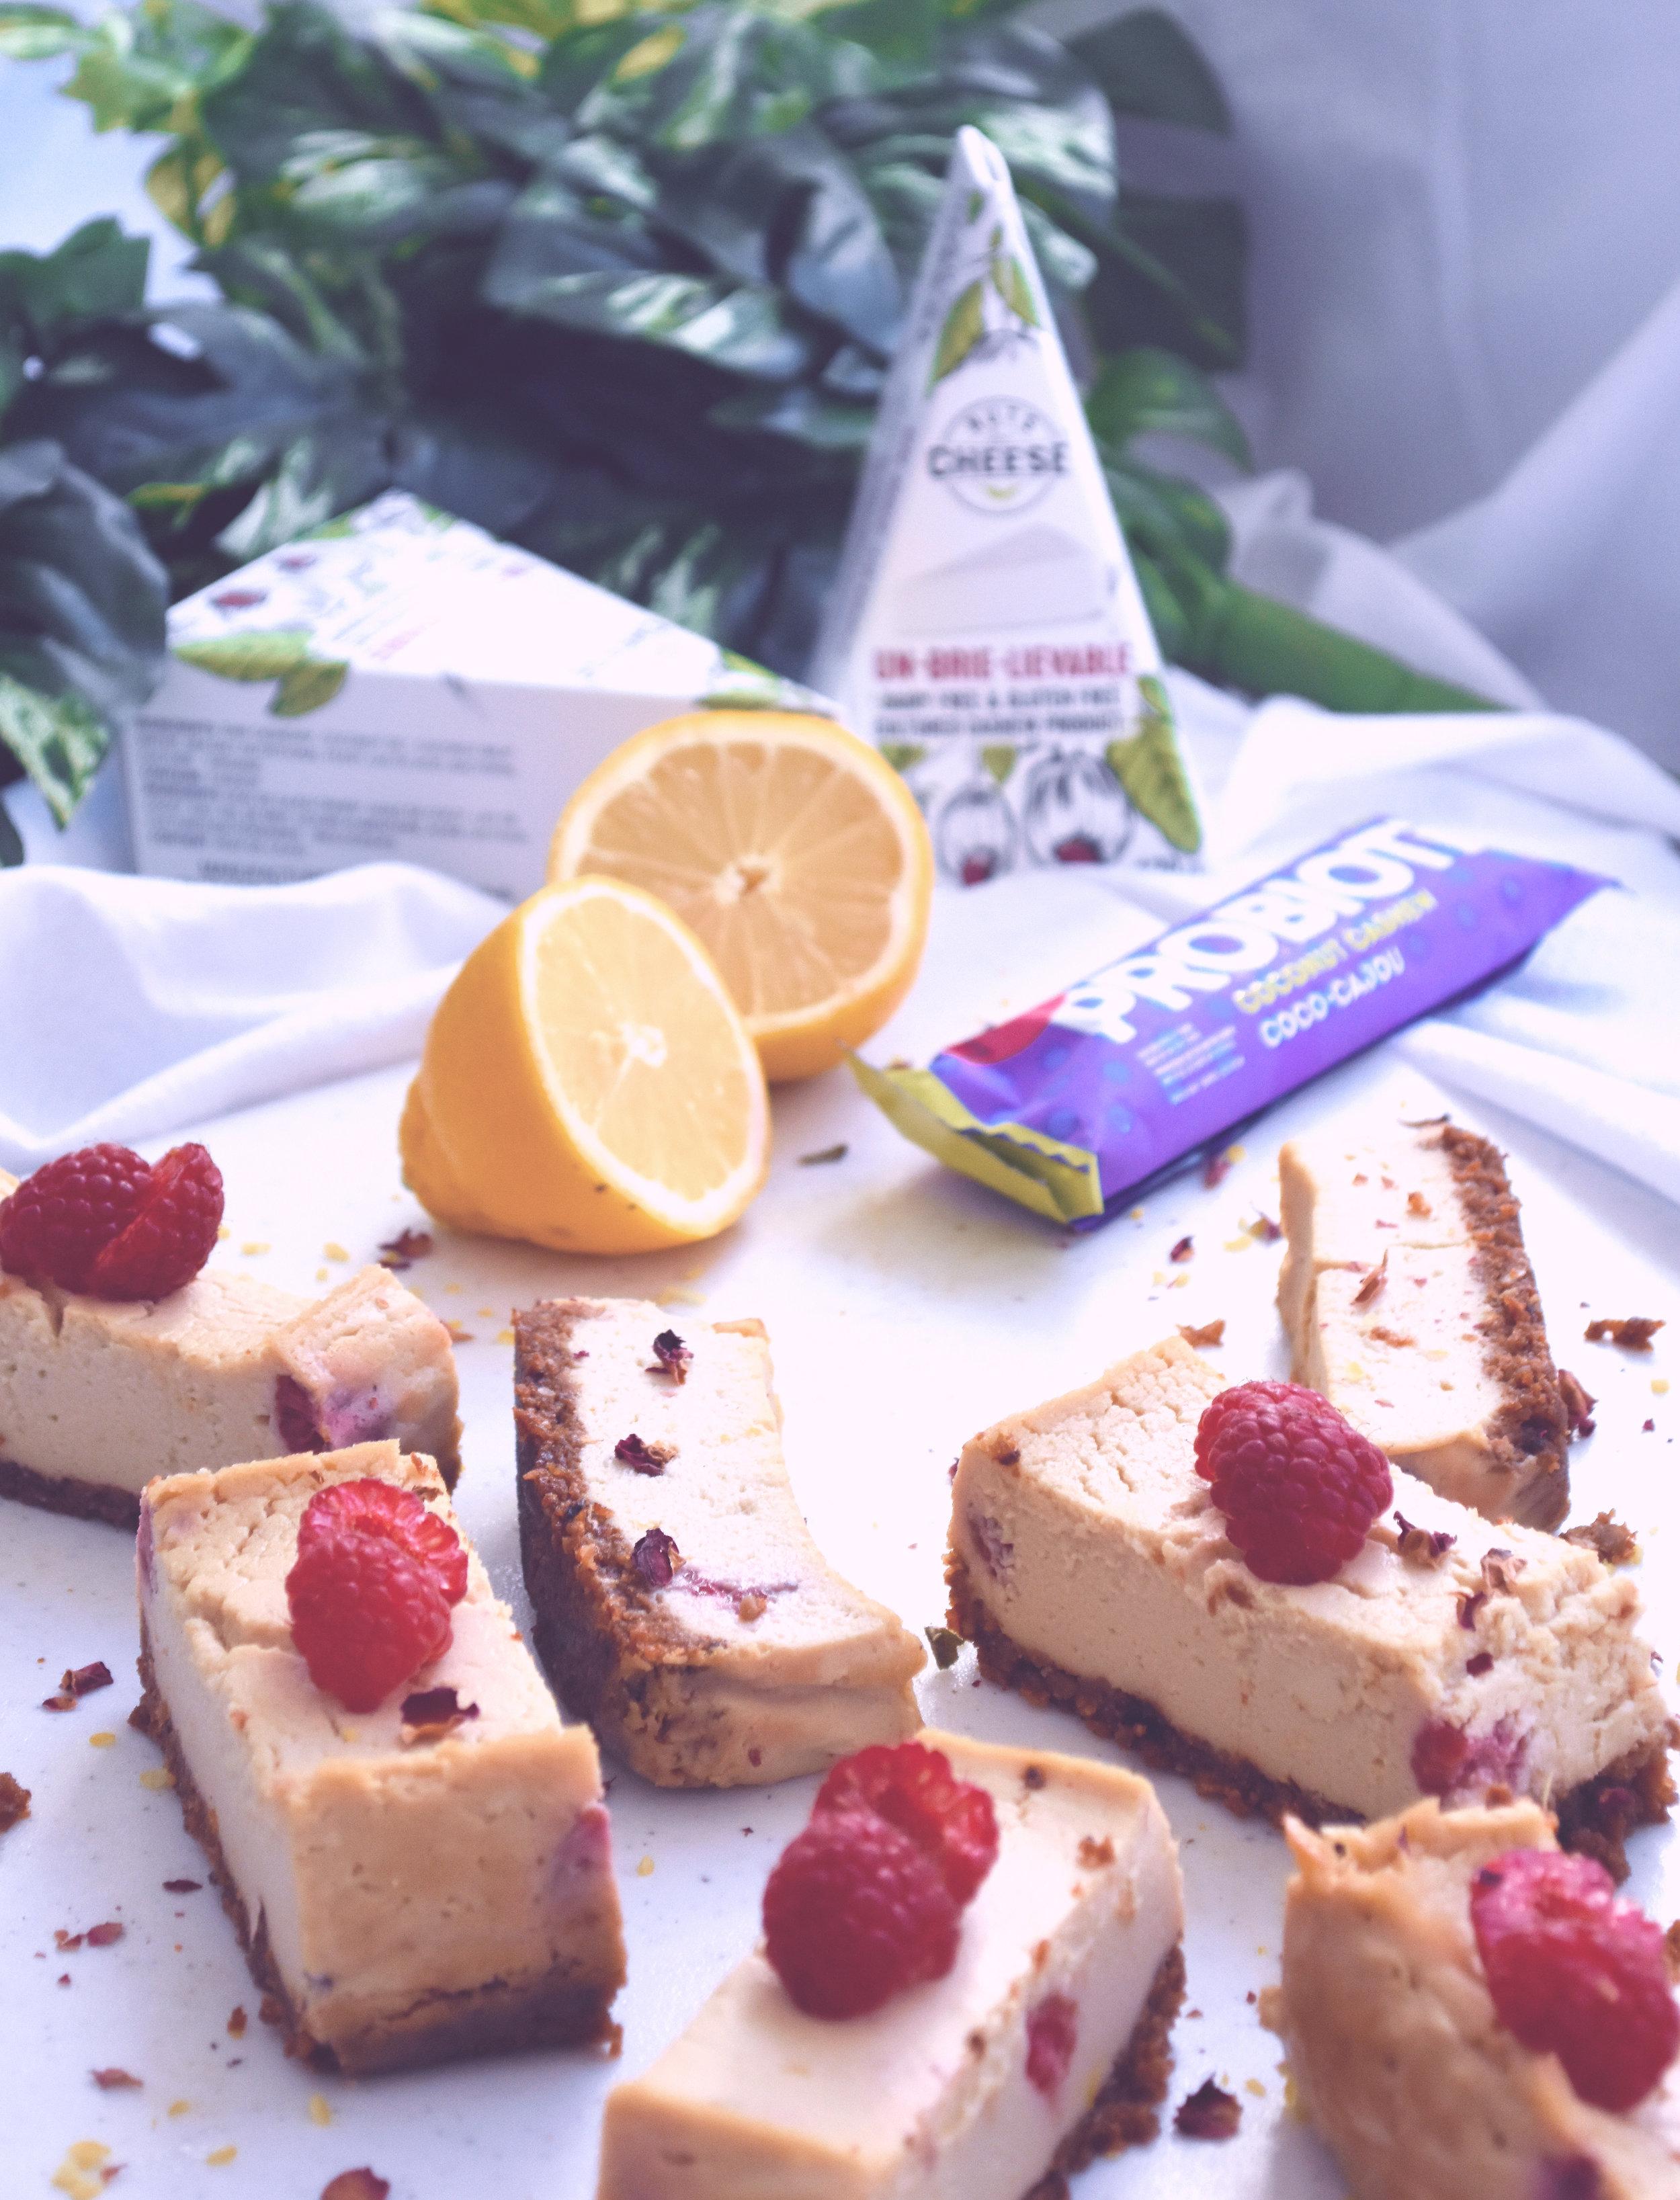 veganbakedcheesecake.jpg